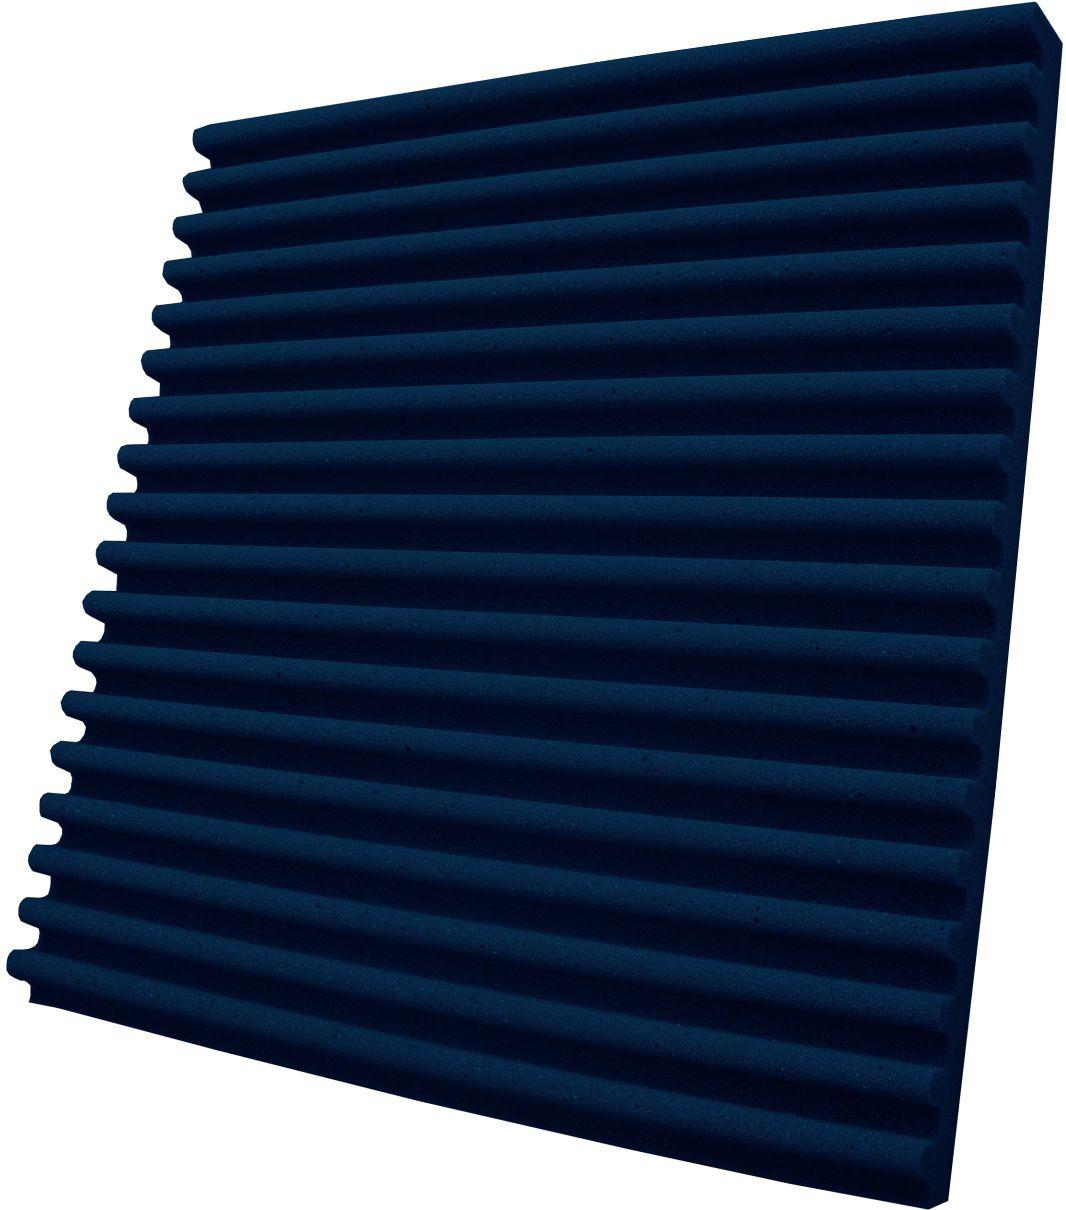 Espuma acústica Linha REV - S - Azul - Kit 8 peças (2m²)  - Loja SPL Acústica